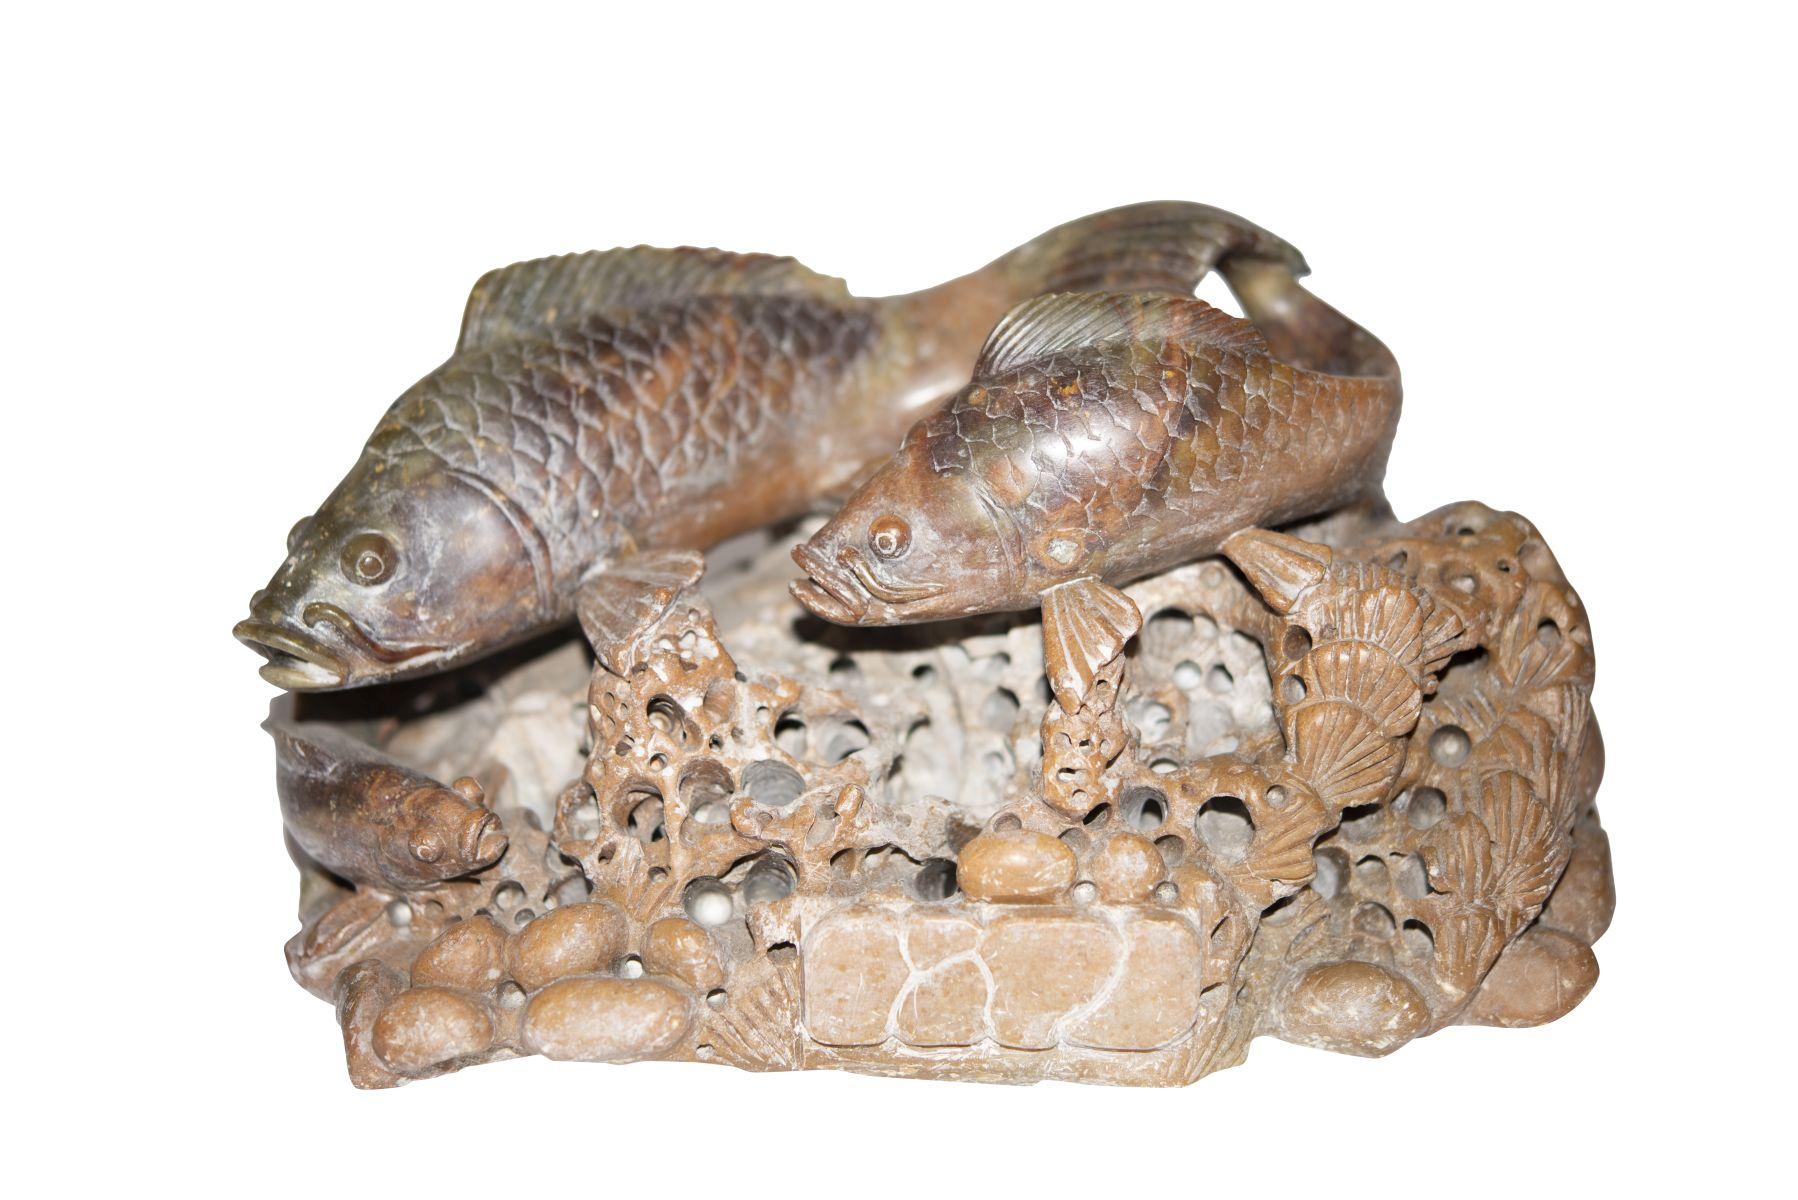 #15 2 fish | 2 Fische Image